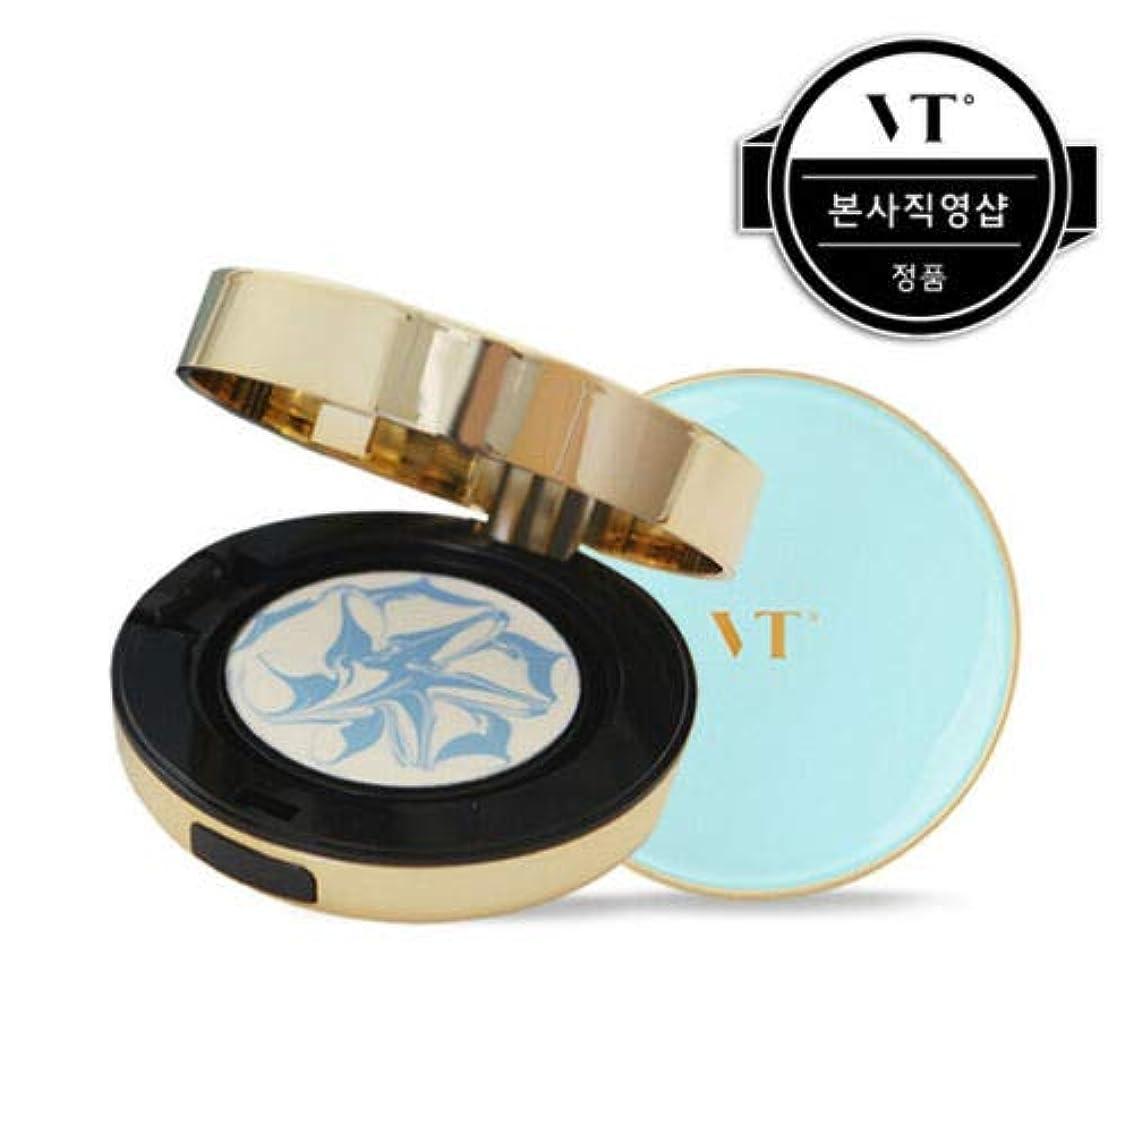 いいね言及する工業化するVT Cosmetic Essence Sun Pact エッセンス サン パクト 本品11g + リフィール 11g, SPF50+/PA+++